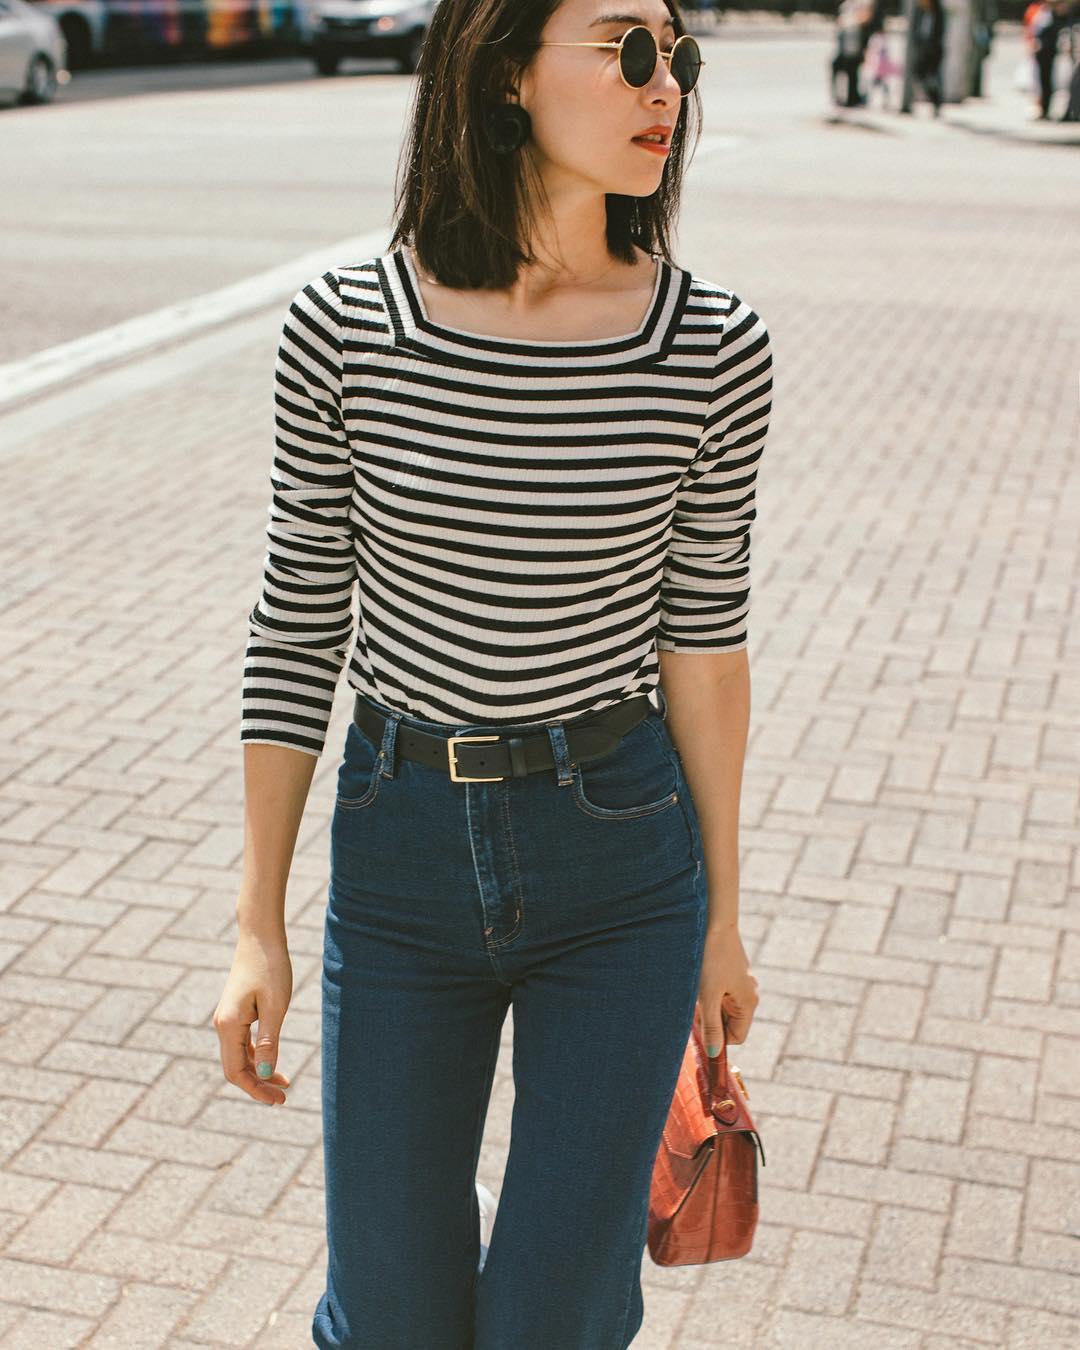 bí quyết chọn quần jeans và cách chọn túi, cô gái mặc áo sọc và thắt lưng